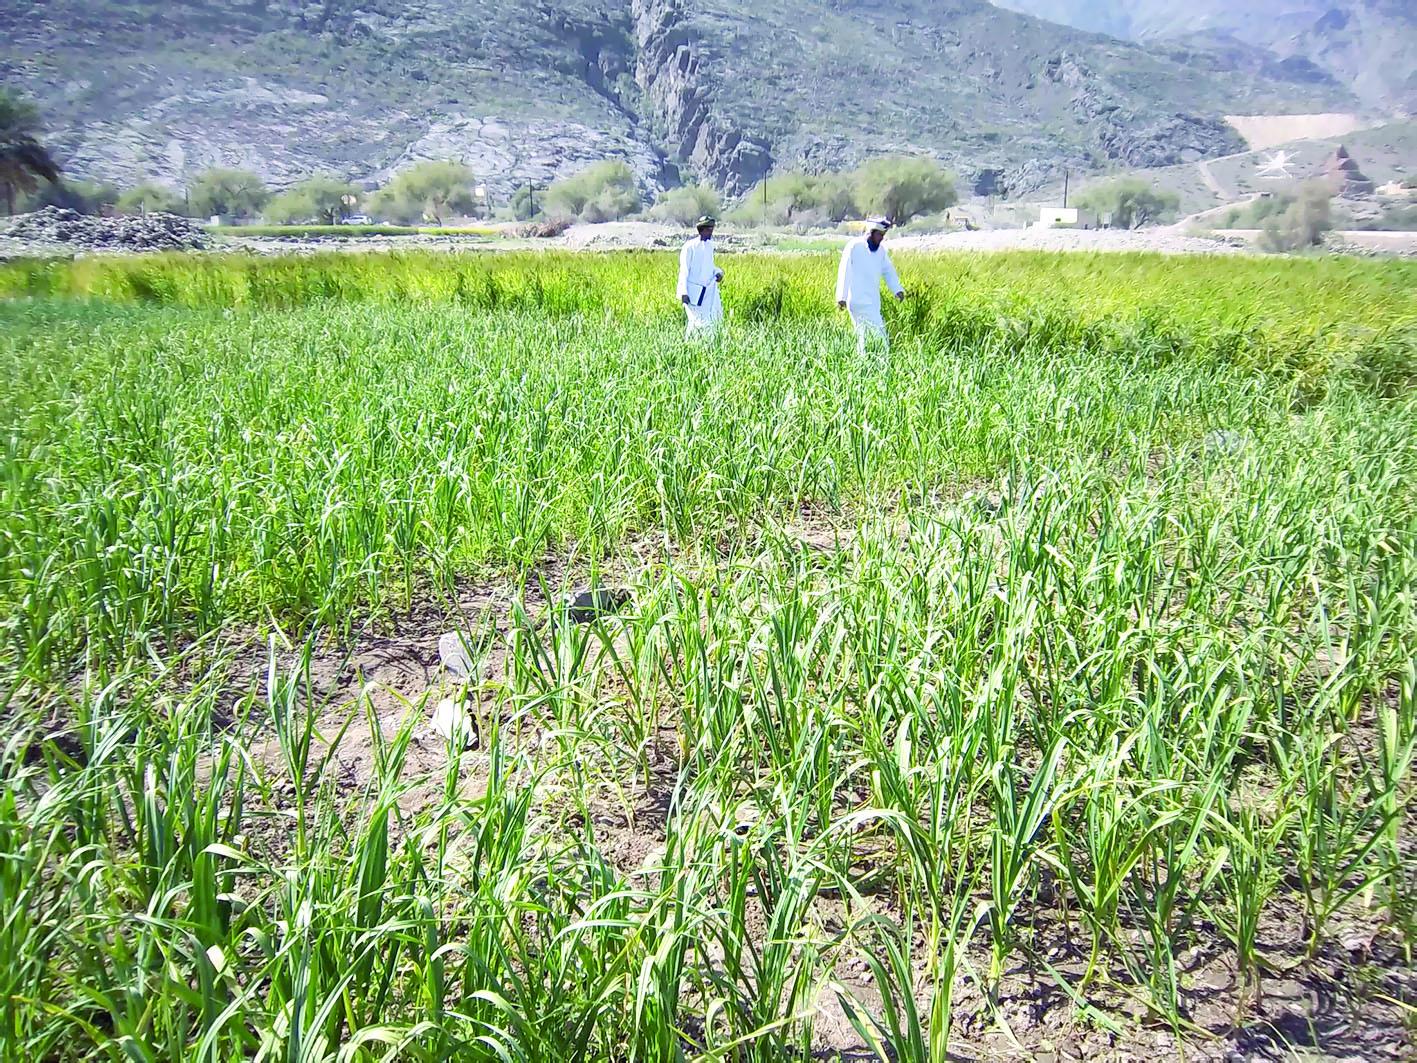 بحث زراعي عماني يظفر بتمويل بريطاني